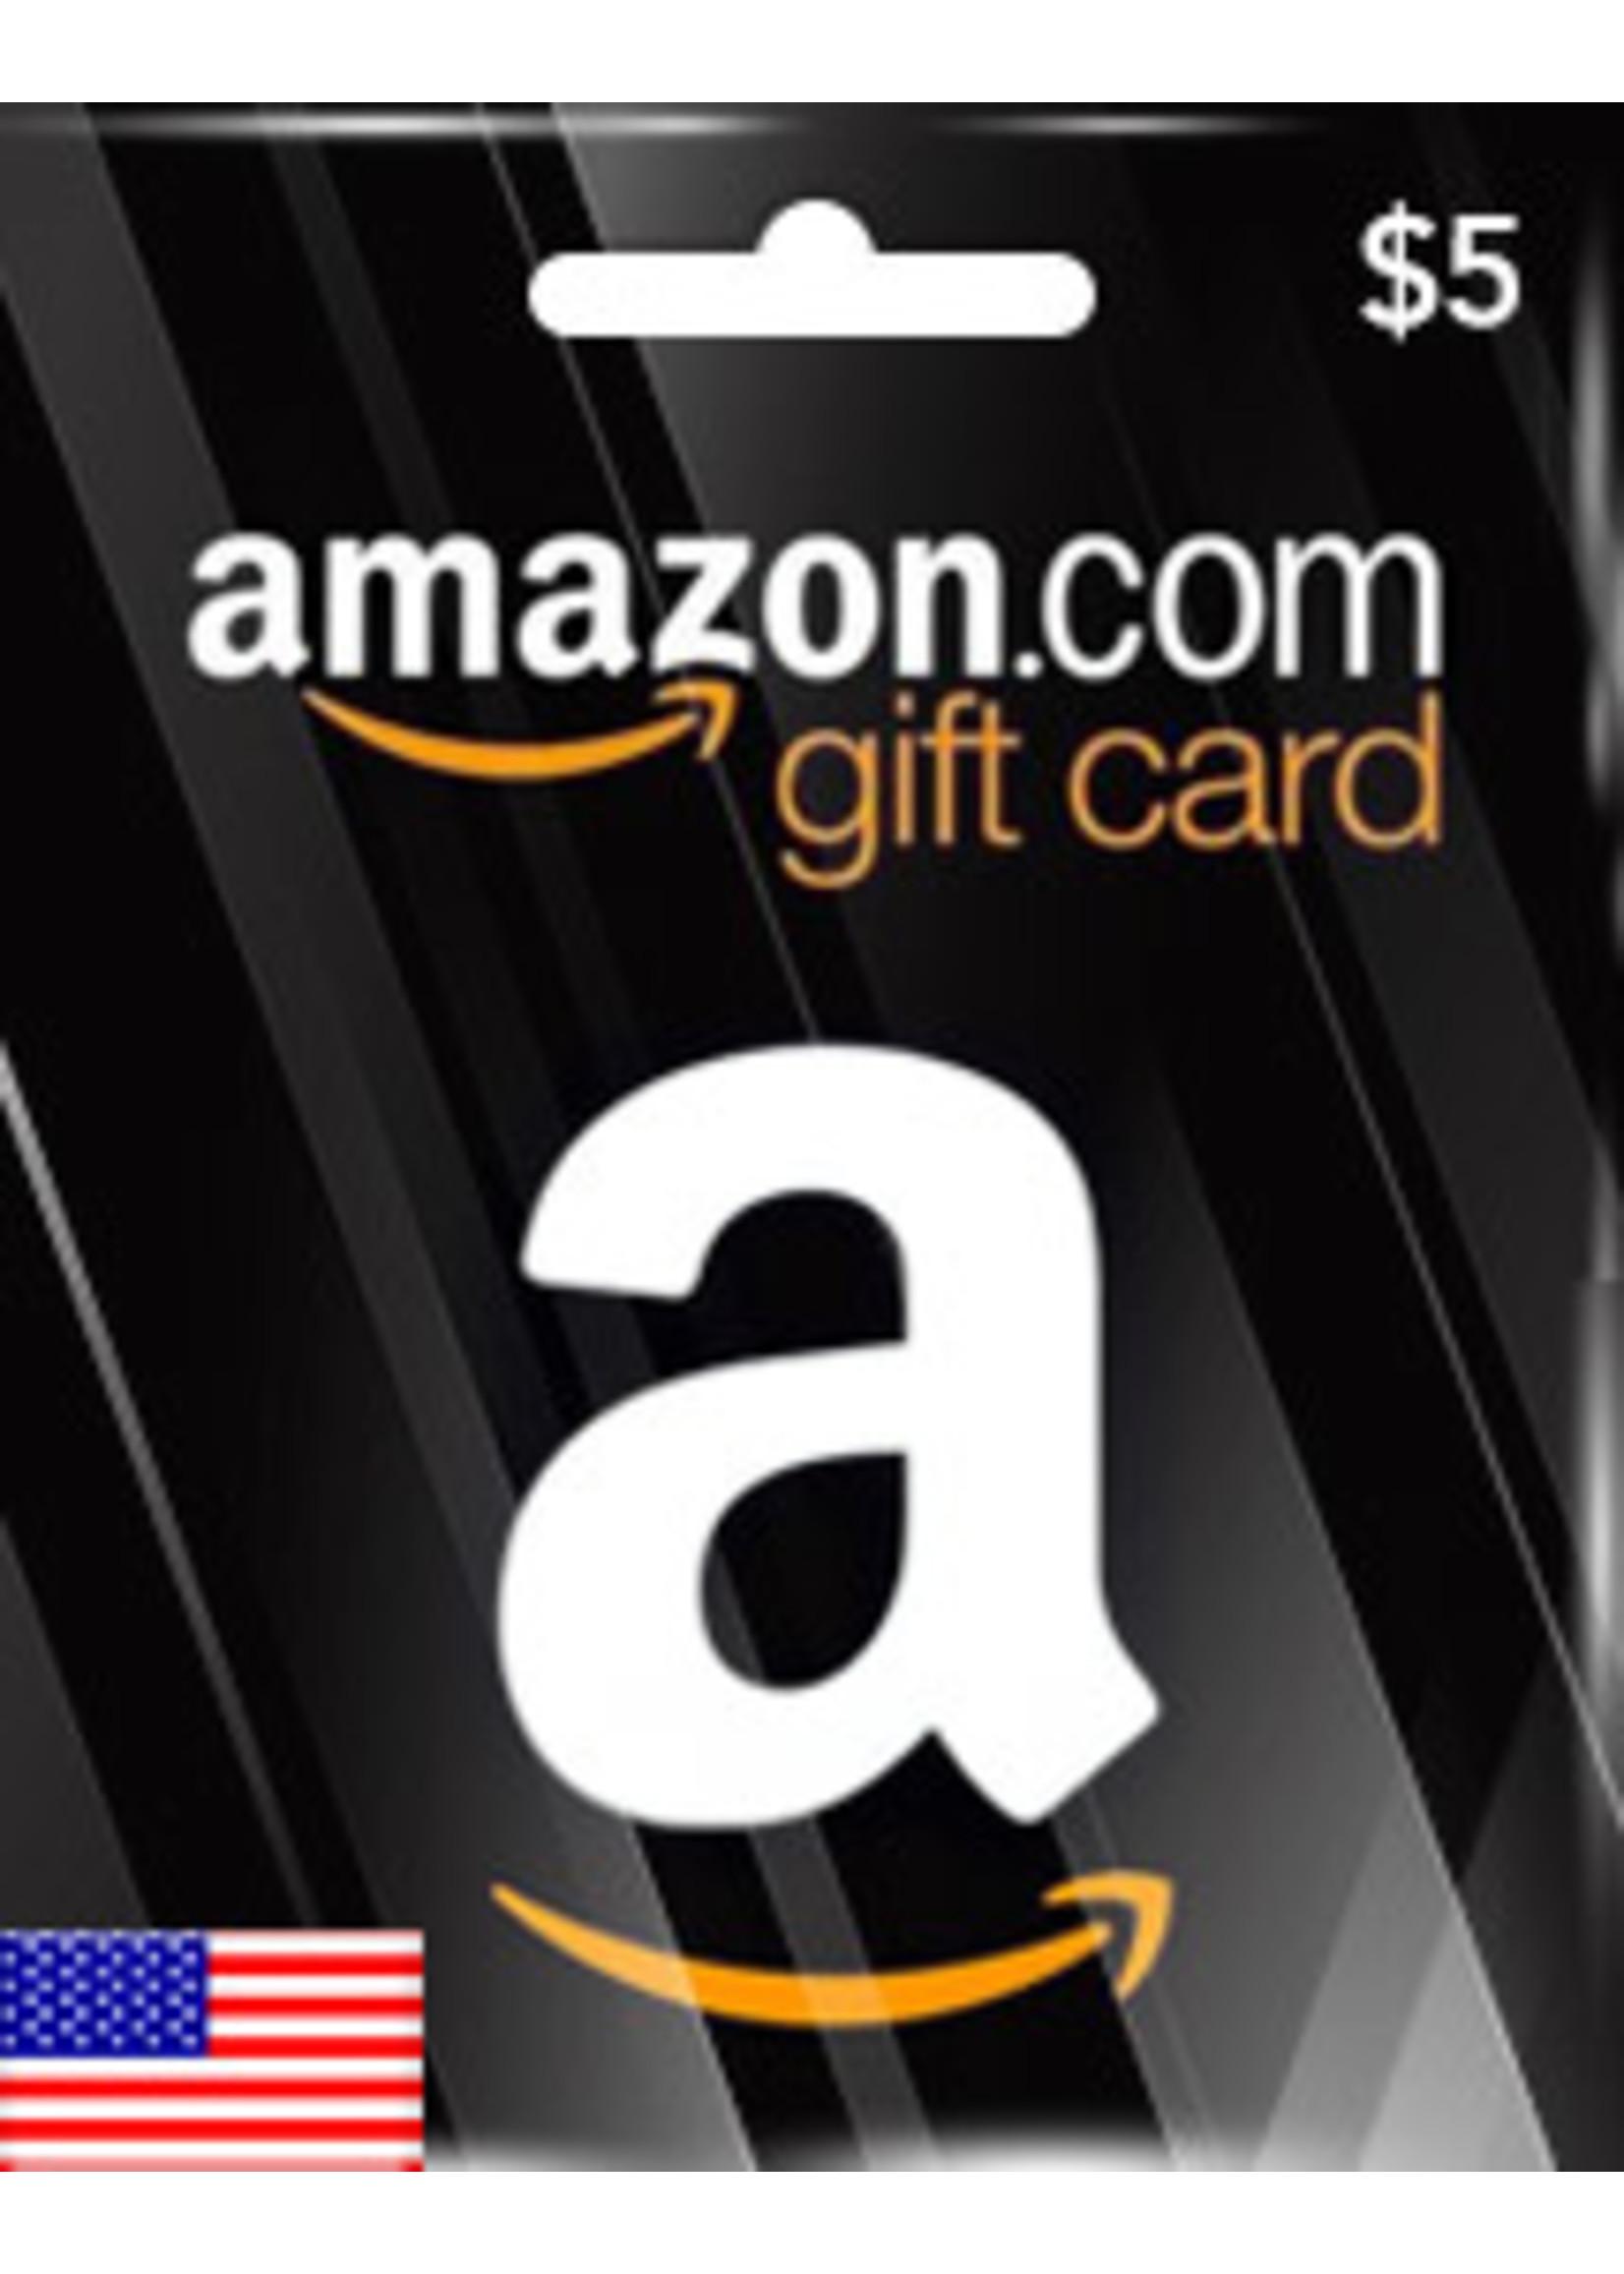 Amazon Amazon Gift Card $5